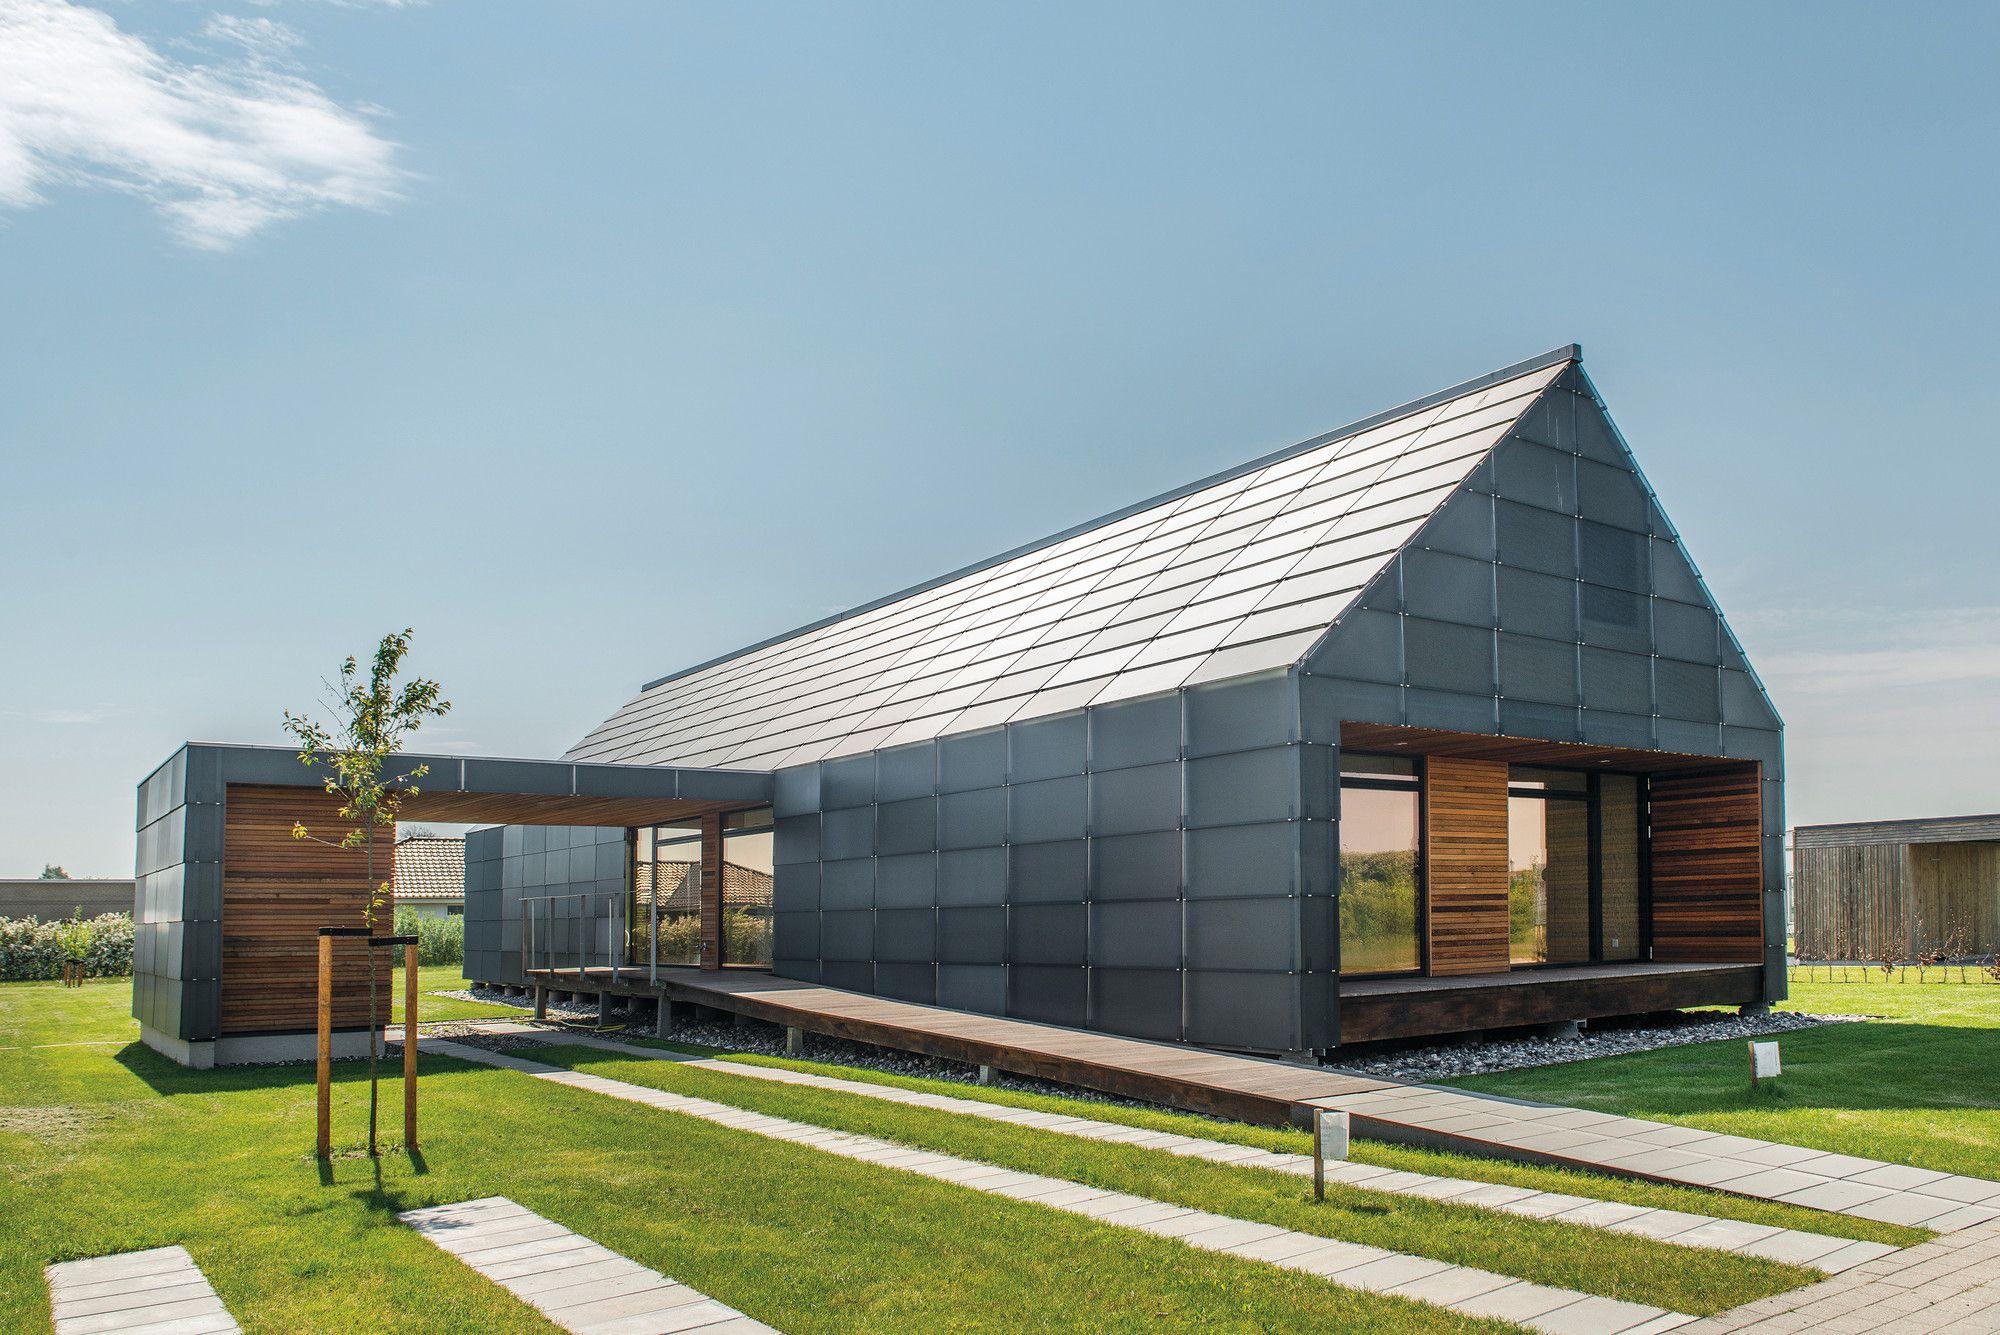 Construido por Arkitema Architects en Nyborg, Denmark con fecha 2013. Imagenes por Helene Høyer Mikkelsen. La Casa de LibreMantenimiento (Nueva Materiales) es parte de un gran proyecto de desarrollo: Las Casas MiniCO2. El p...